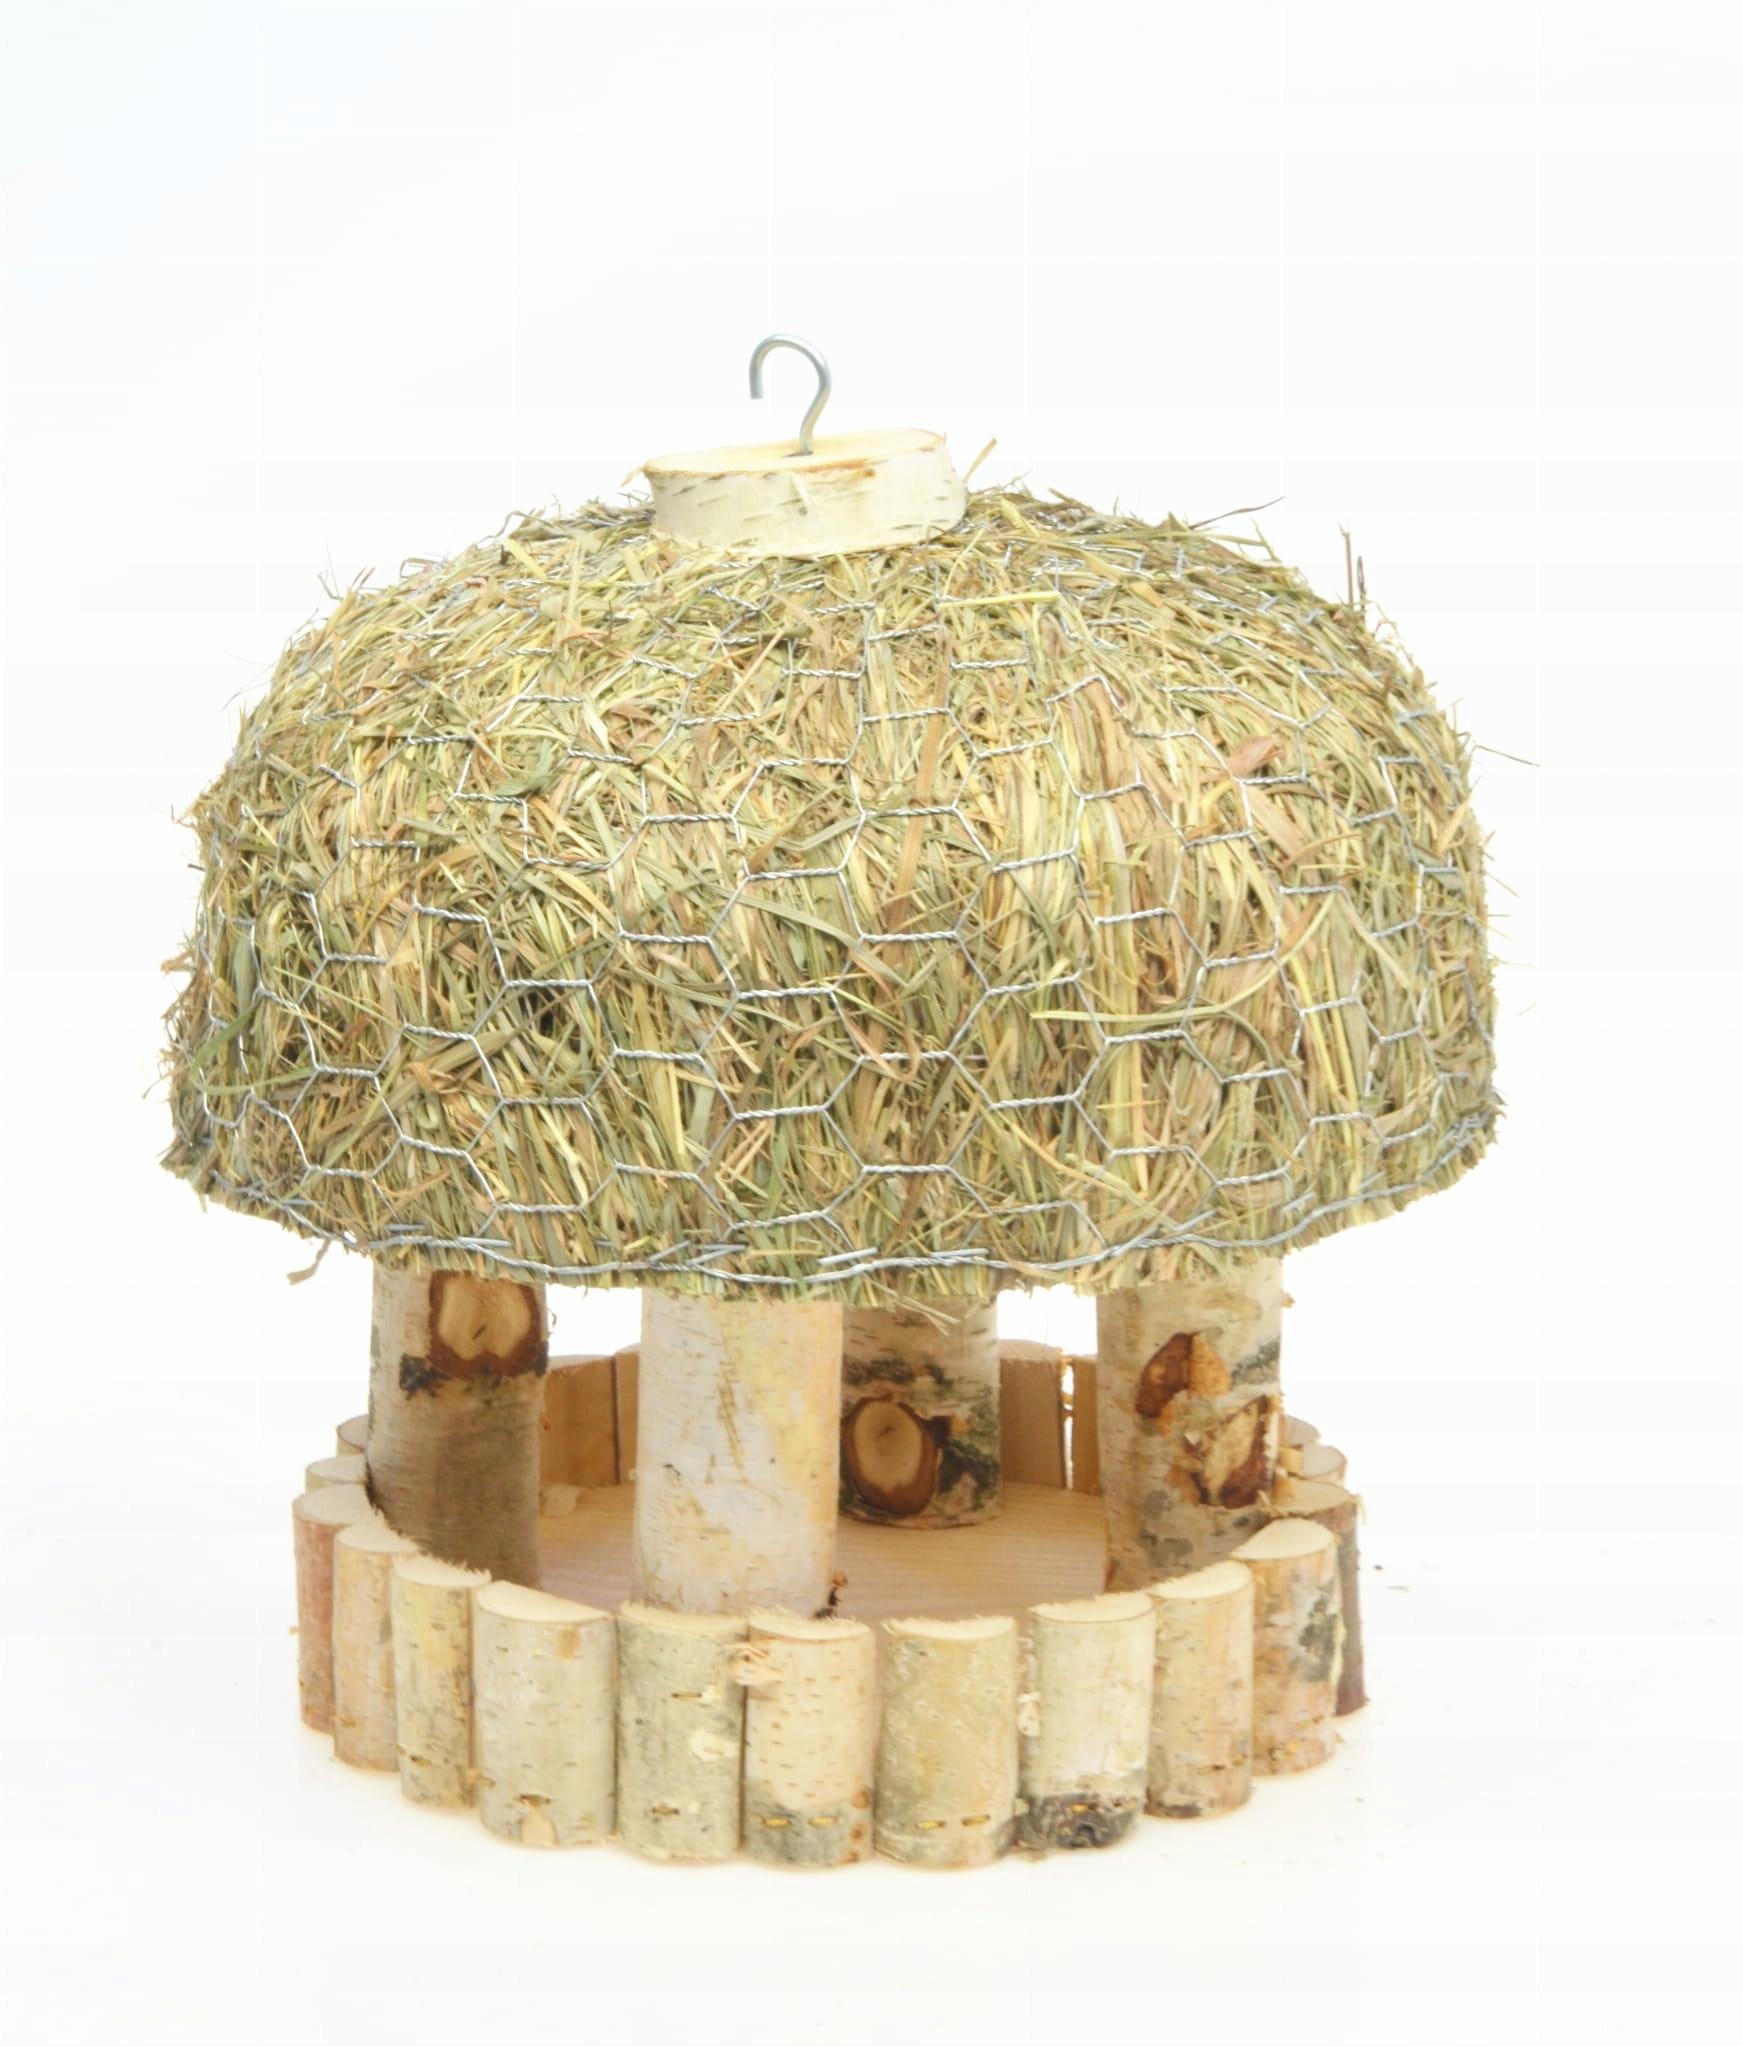 Кормушка для птиц, сарай, домик, дрова К100